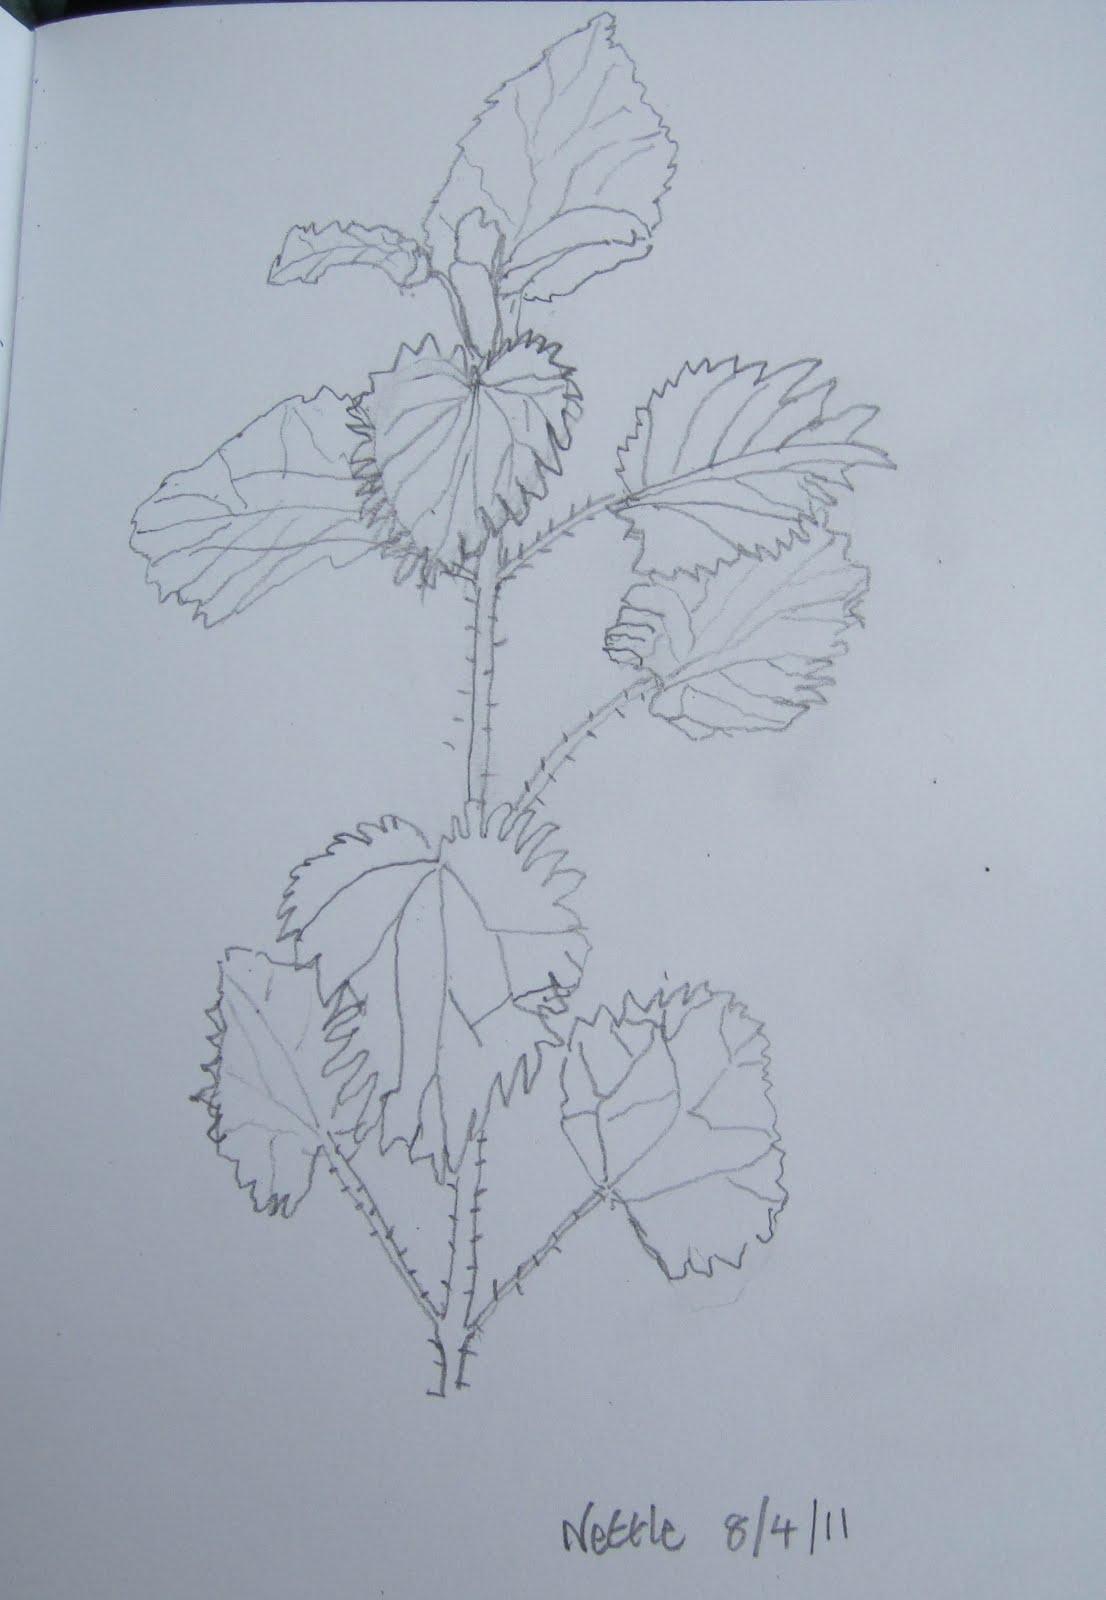 Nettle sketch